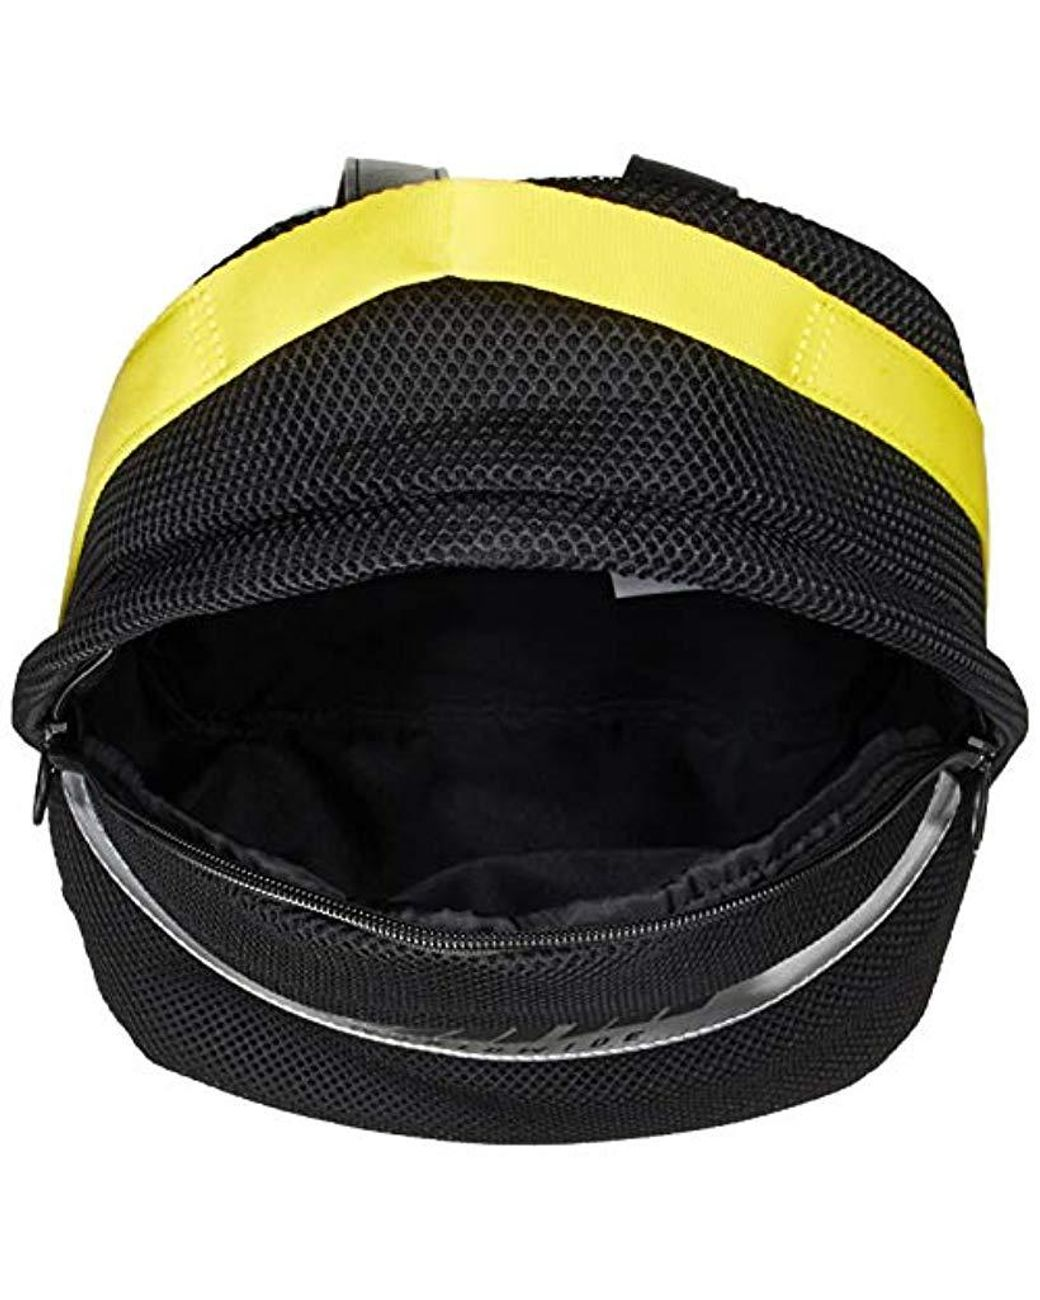 Puma Prime Street Archive Rucksack Damen schwarz gelb